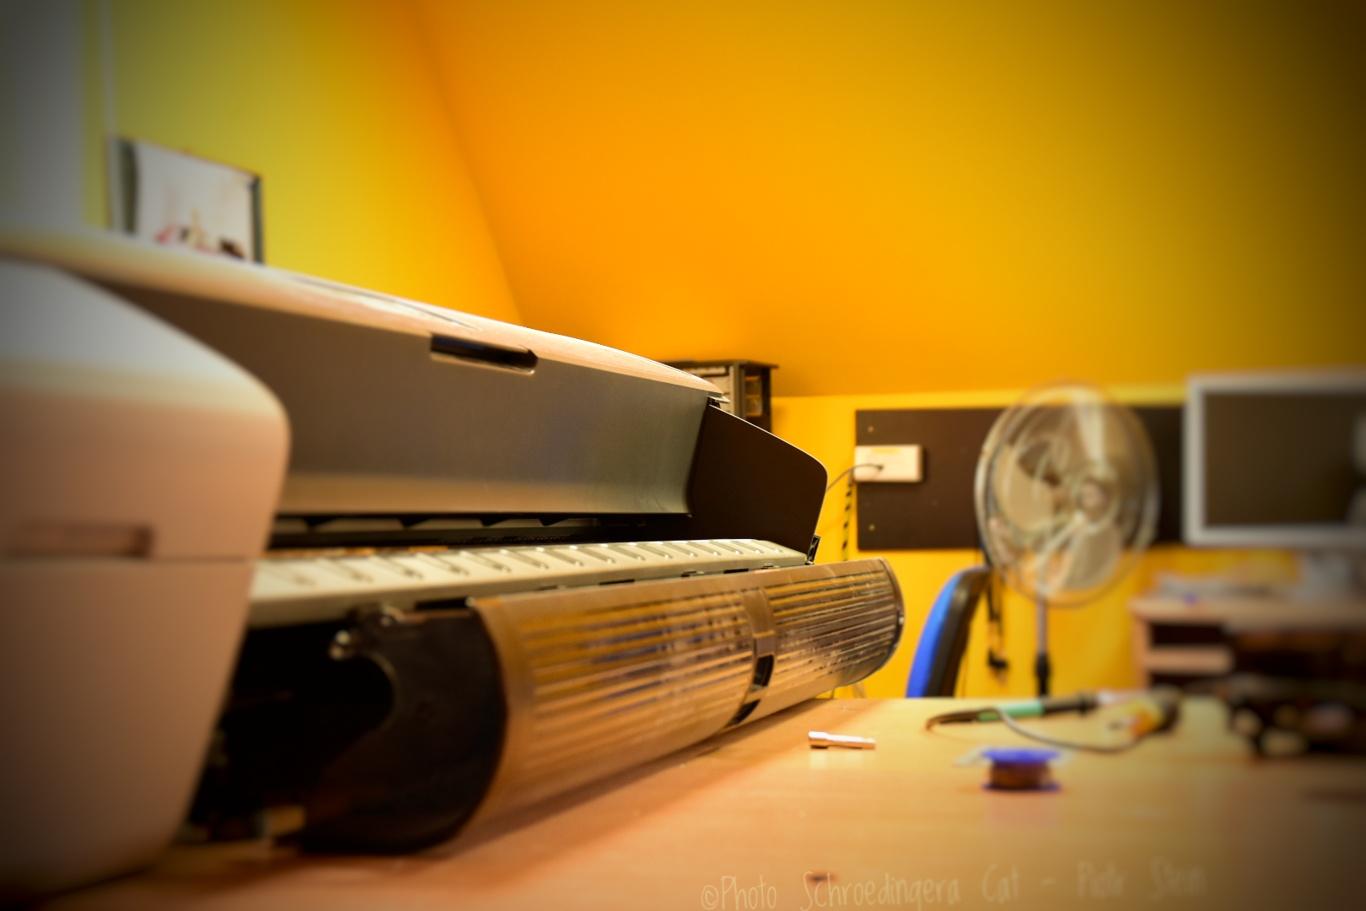 Naprawa plotera w serwisie Zdjęcie za © Zdjęcie za zgodą Akte.com.pl i autora @PhotoSchroedingerCat https://akte.com.pl/serwis-ploterow/